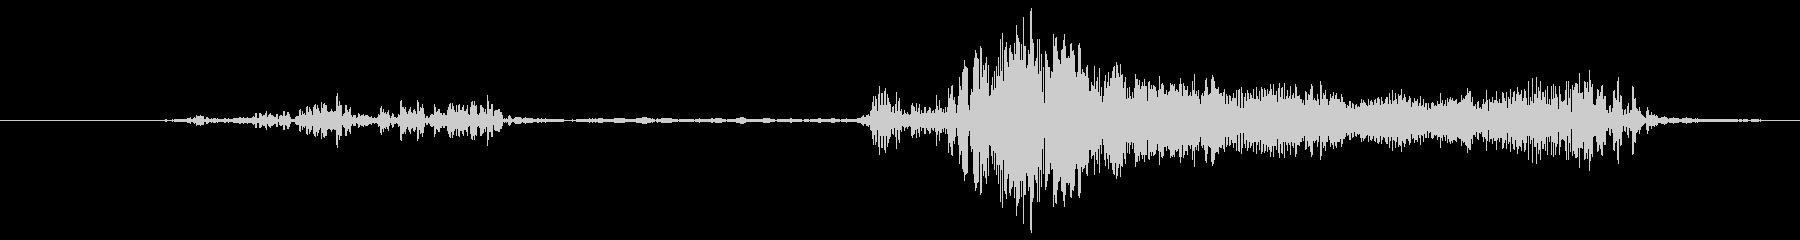 豚 バウル01の未再生の波形